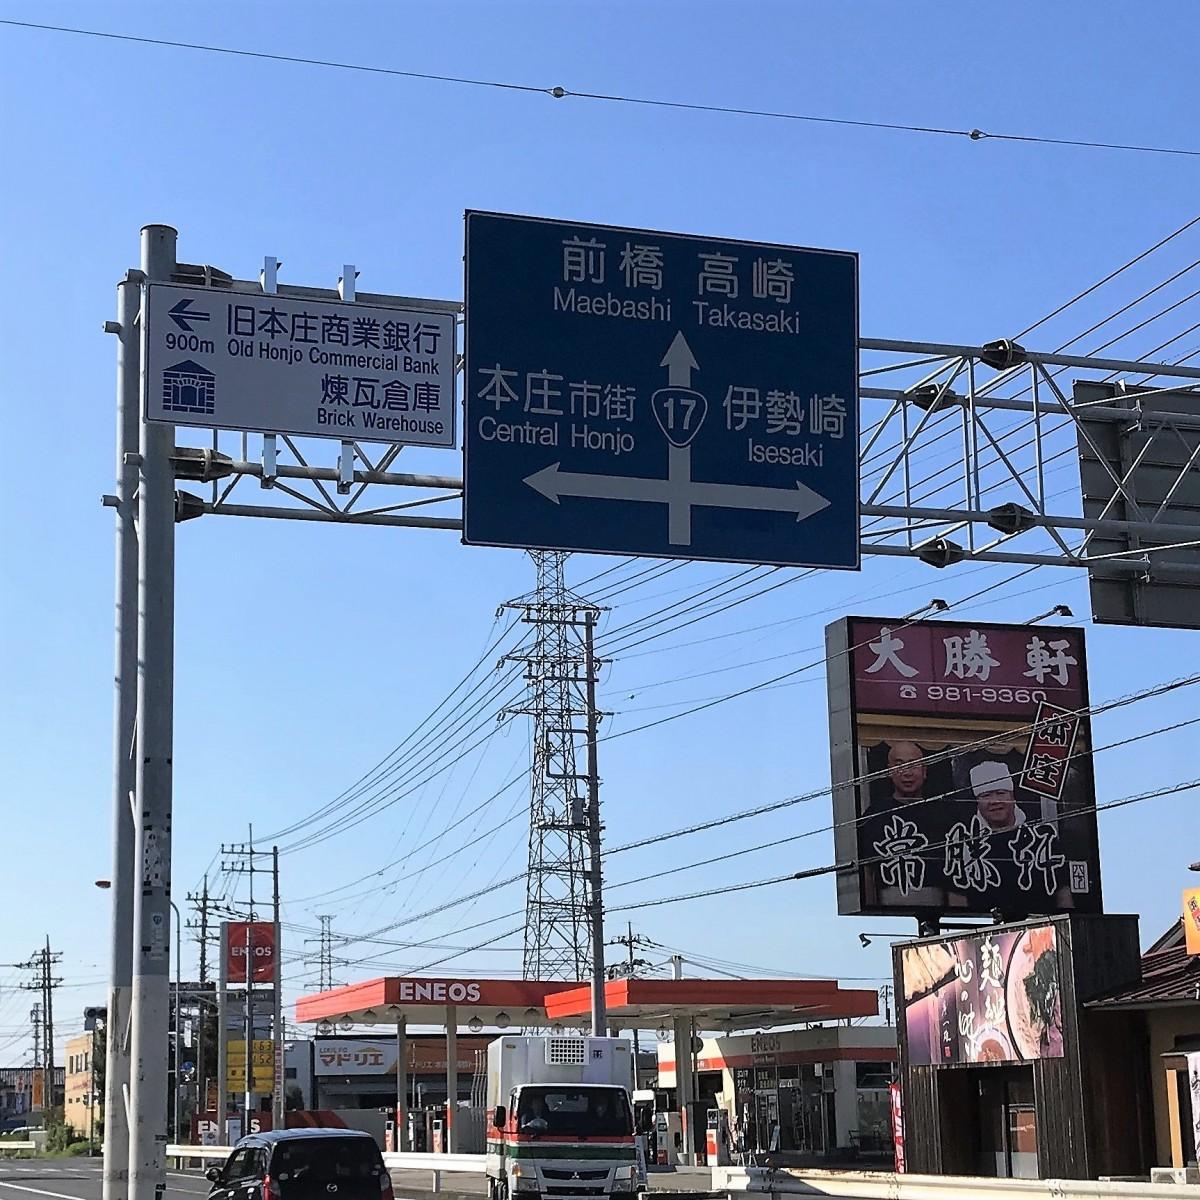 国道17号に設置された「旧本庄商業銀行煉瓦倉庫」の案内標識